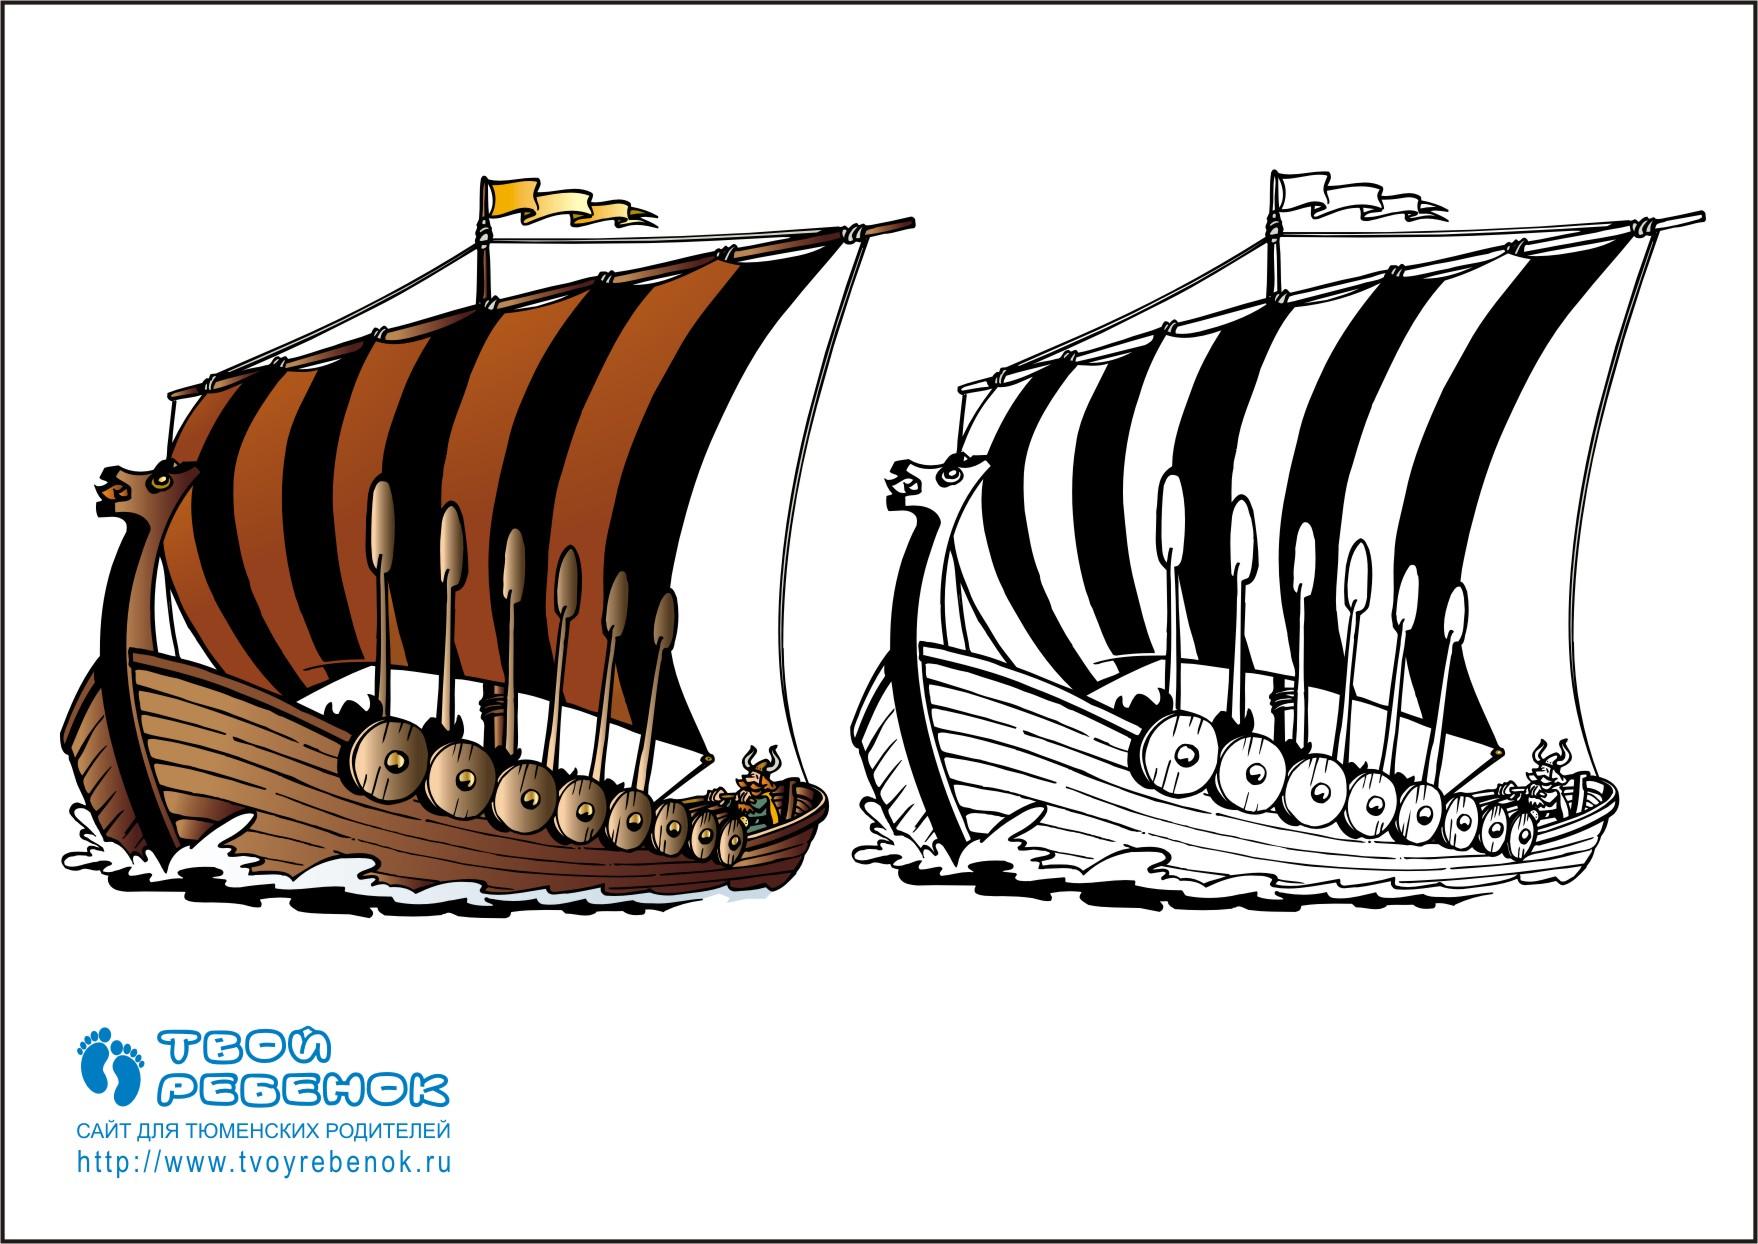 пиратский корабль раскраска скачать распечатать бесплатно